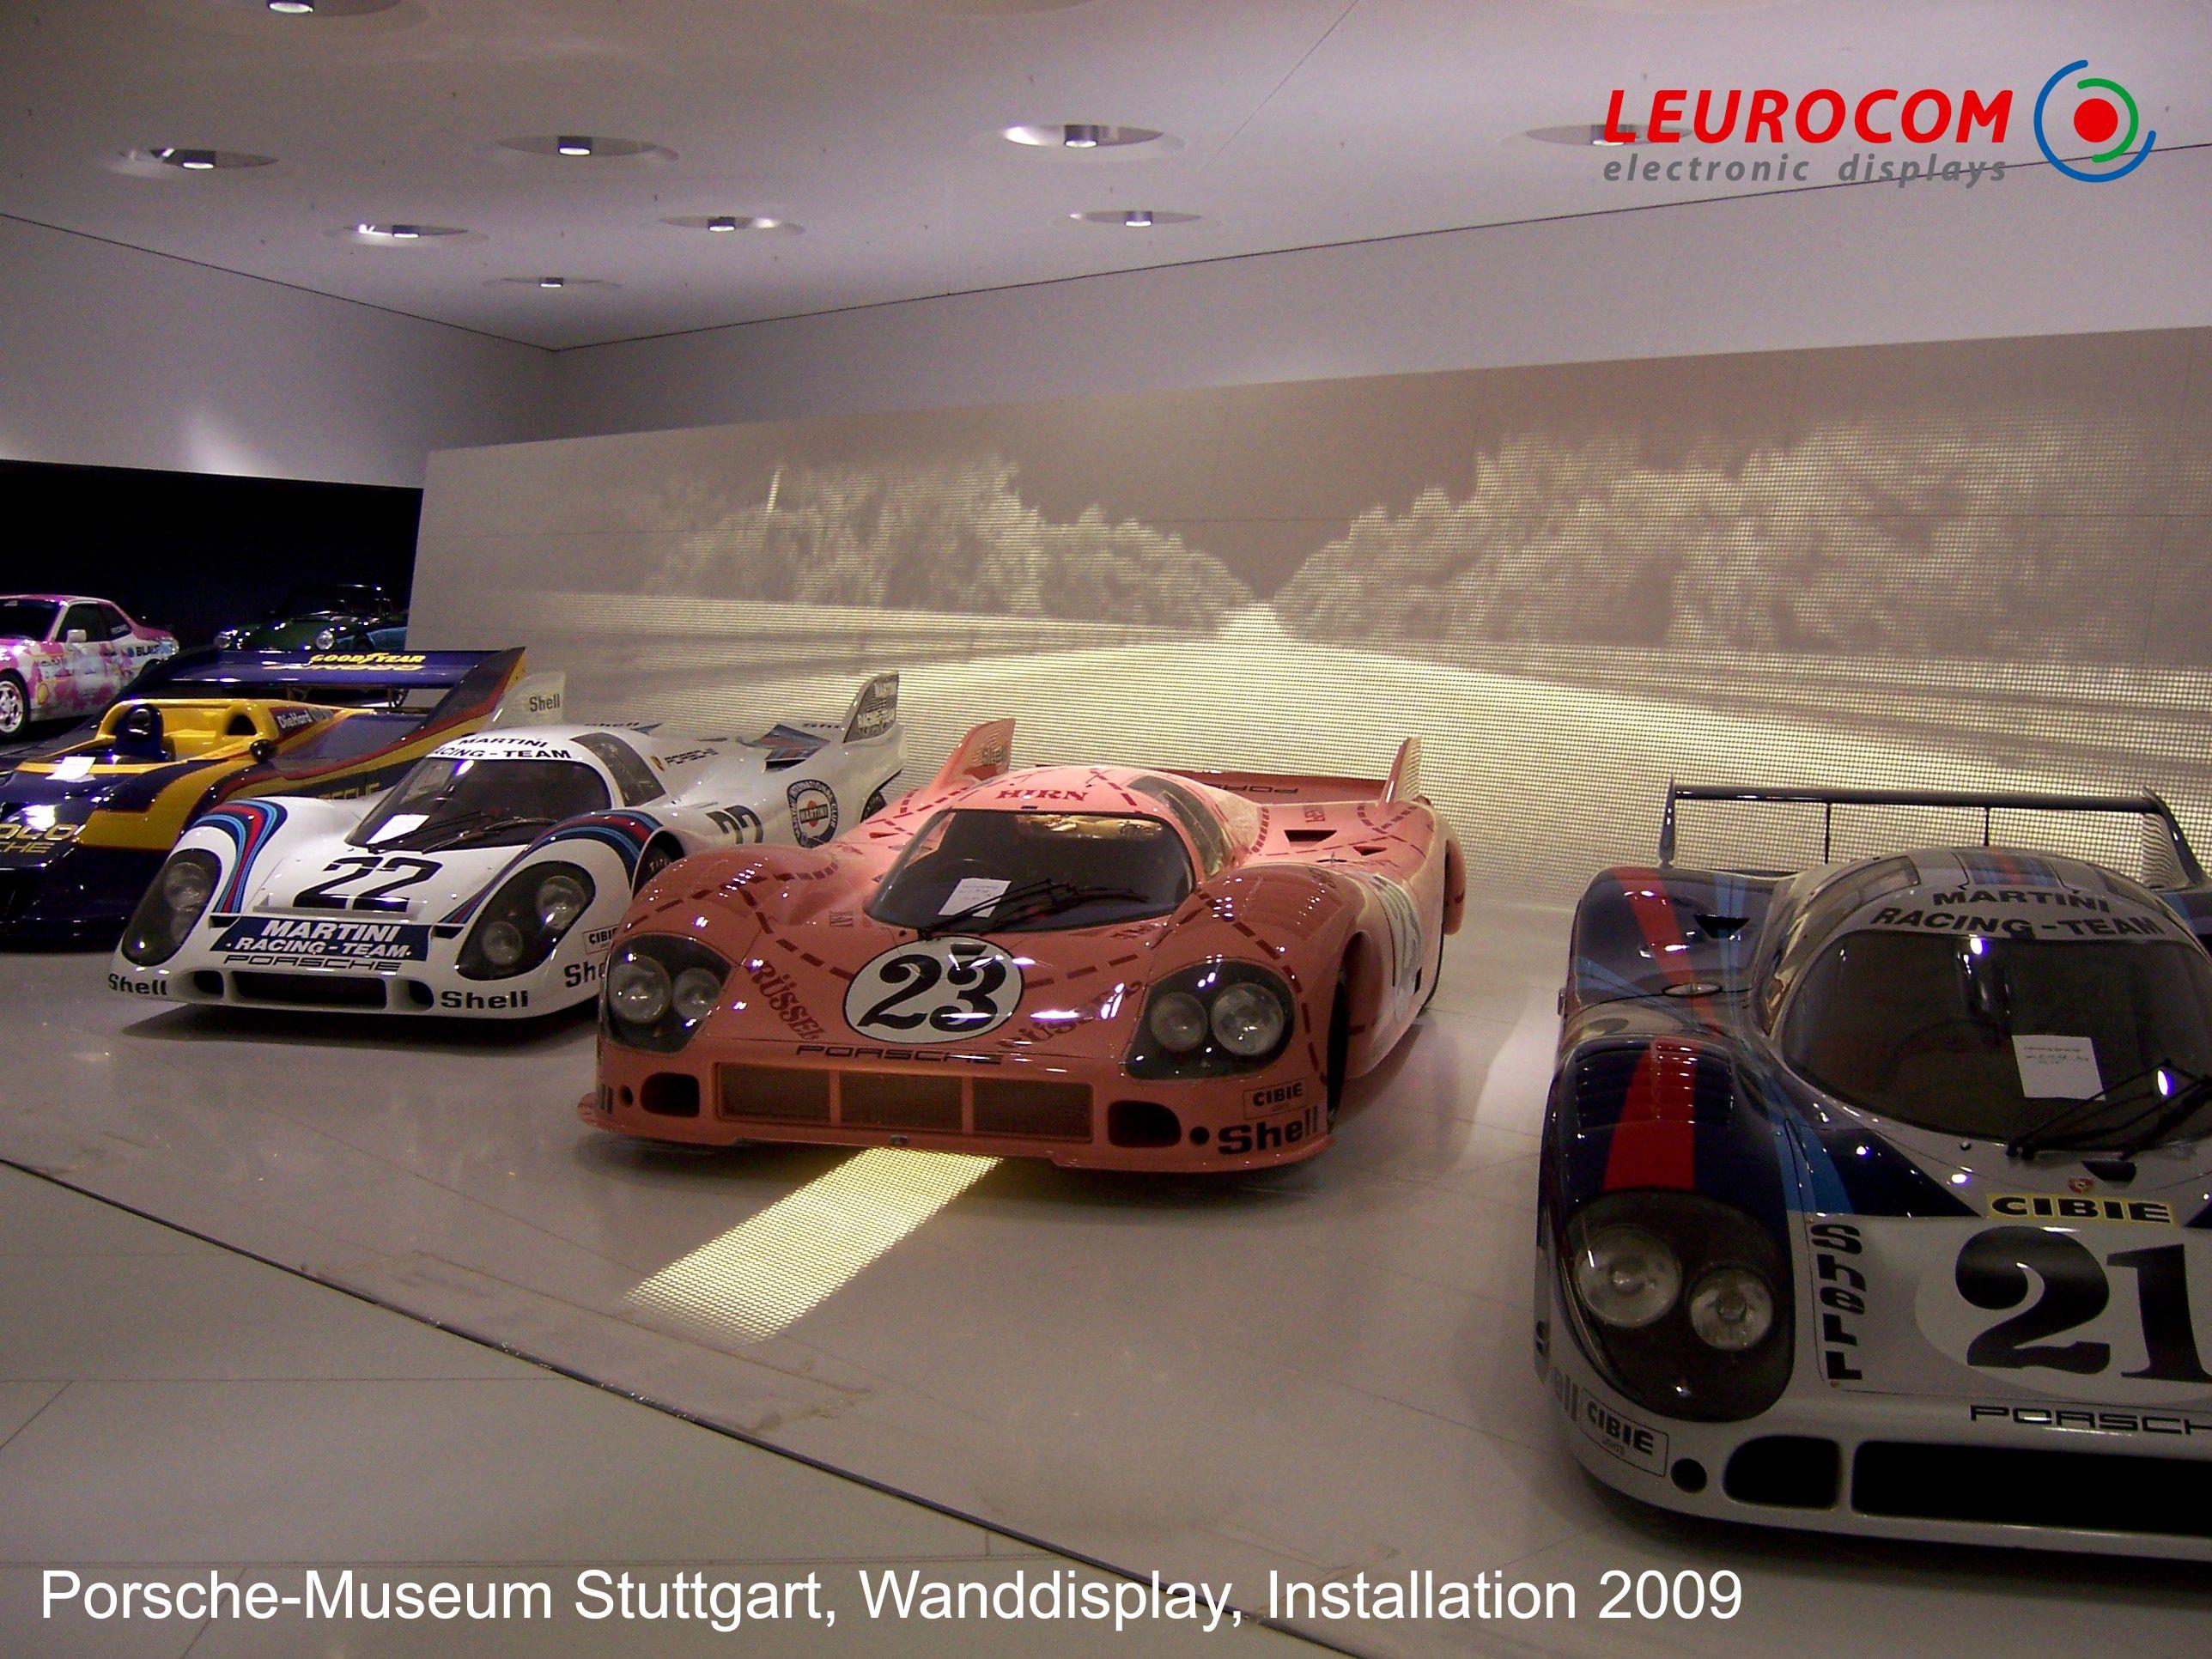 Porsche Museum, Stuttgart  Indoor-Sonderdisplay weiß und gewölbt für Boden und Wand, Streifendisplay integriert in hochbelastbarem Gitterrost  http://www.leuro.com/de/anwendungen/details?id=39